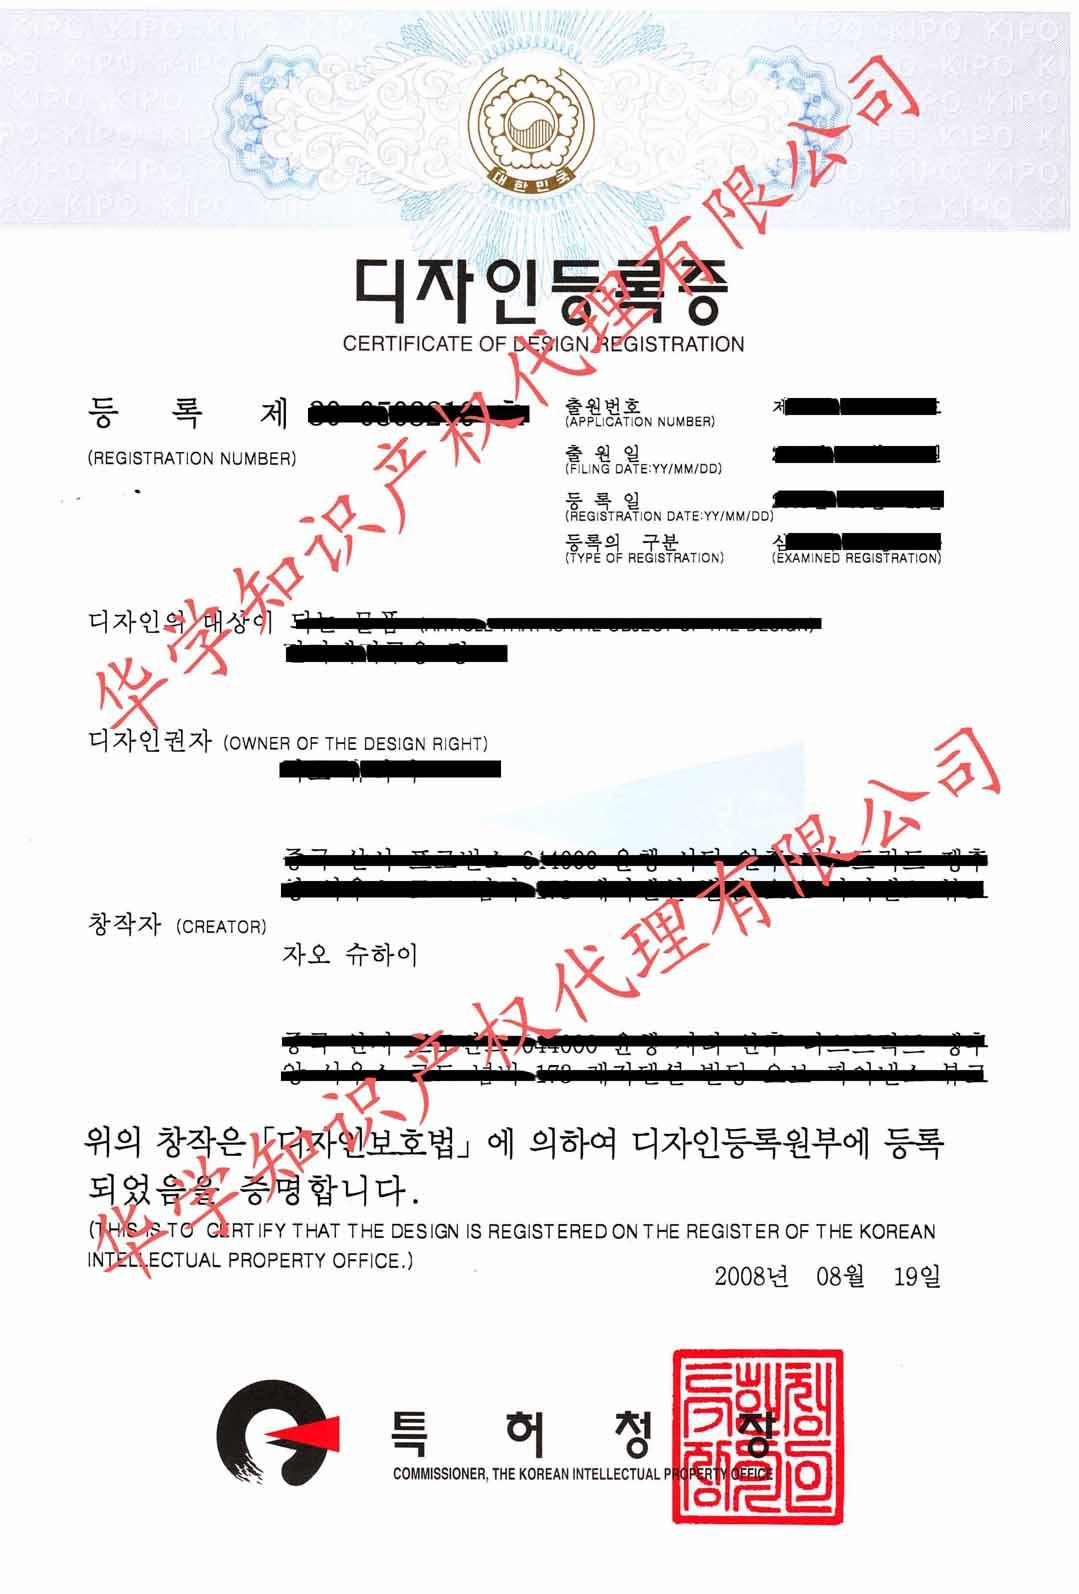 韓國外觀專利證書